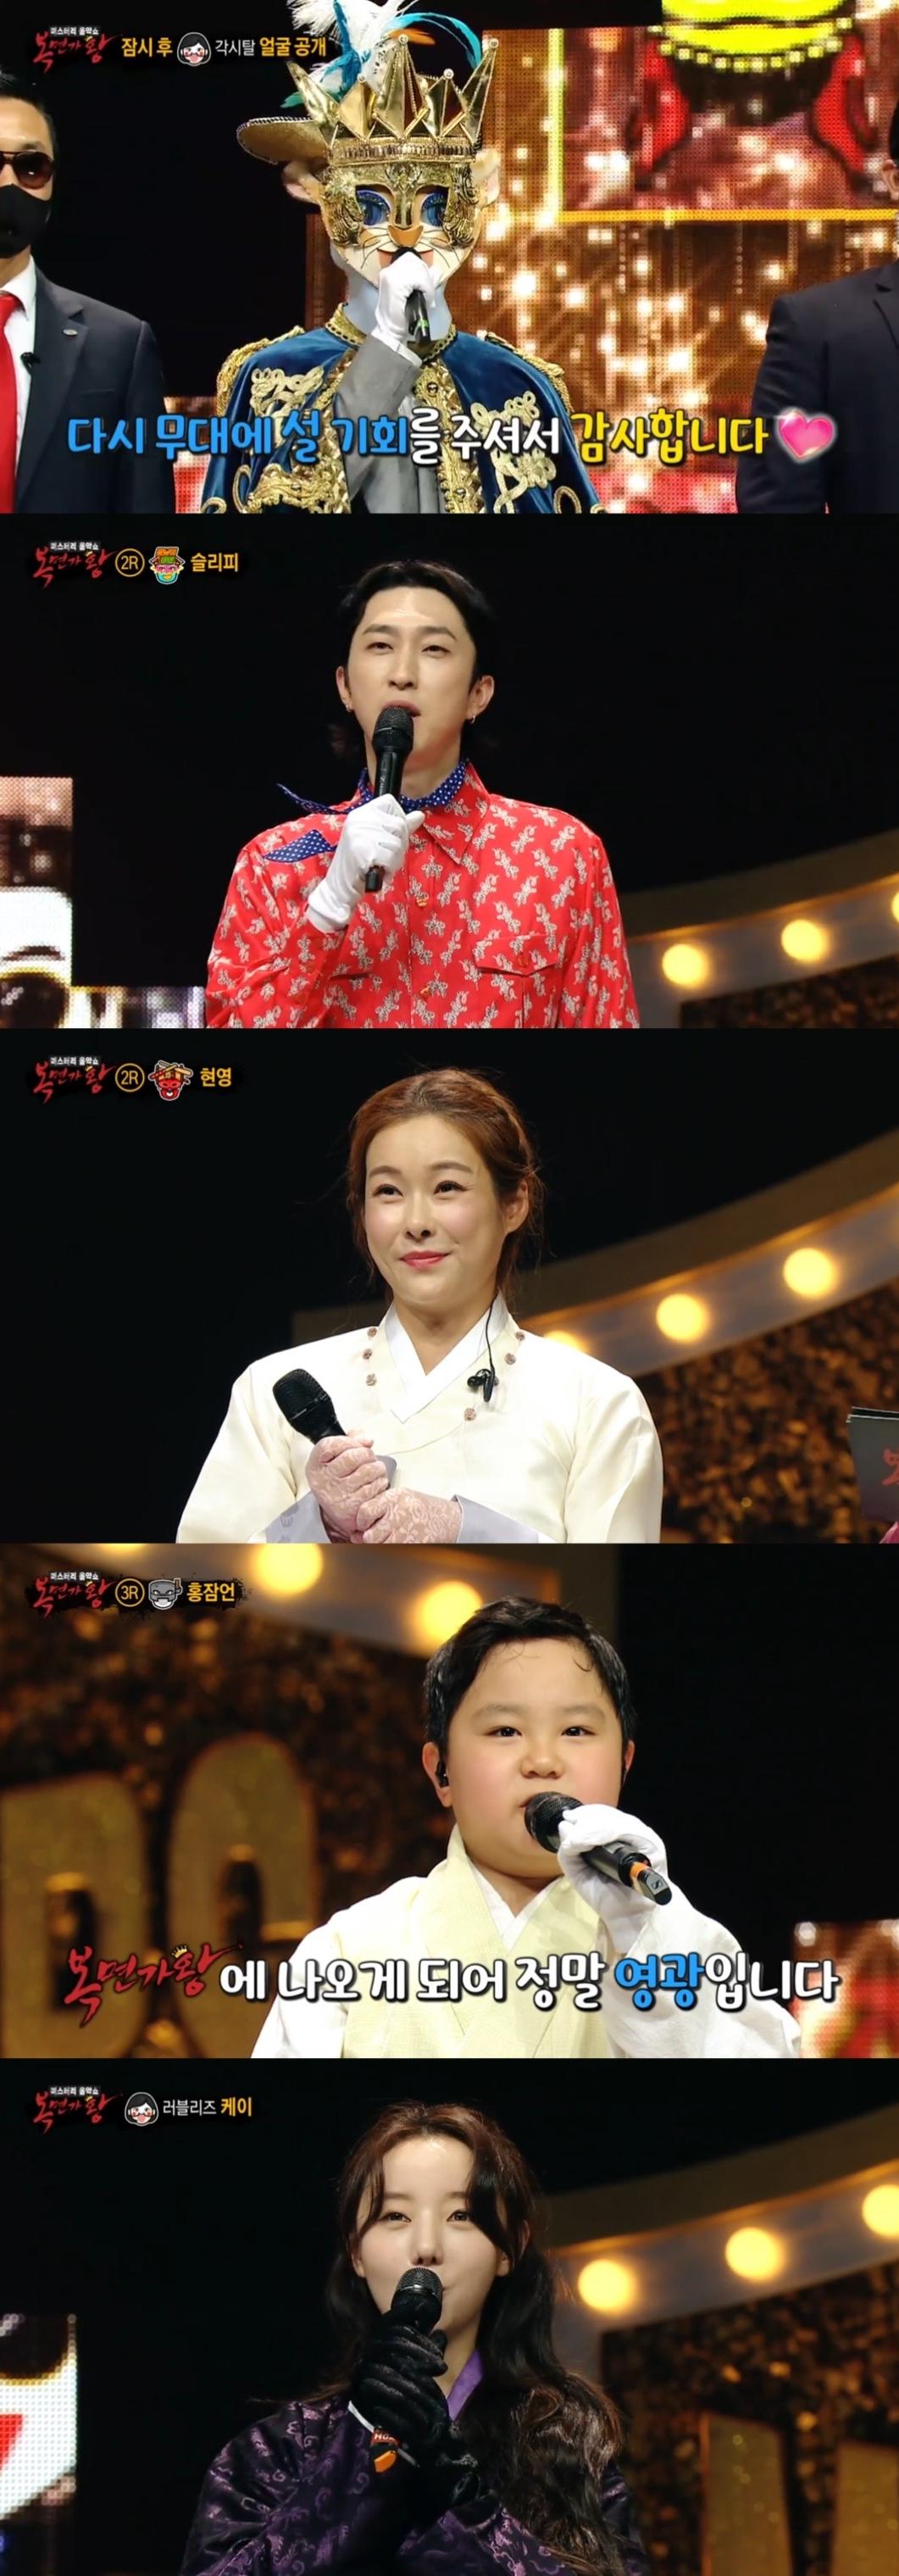 '복면가왕' 8주 연속 일요일 비드라마 부문 화제성 1위로 최고의 음악예능 등극!